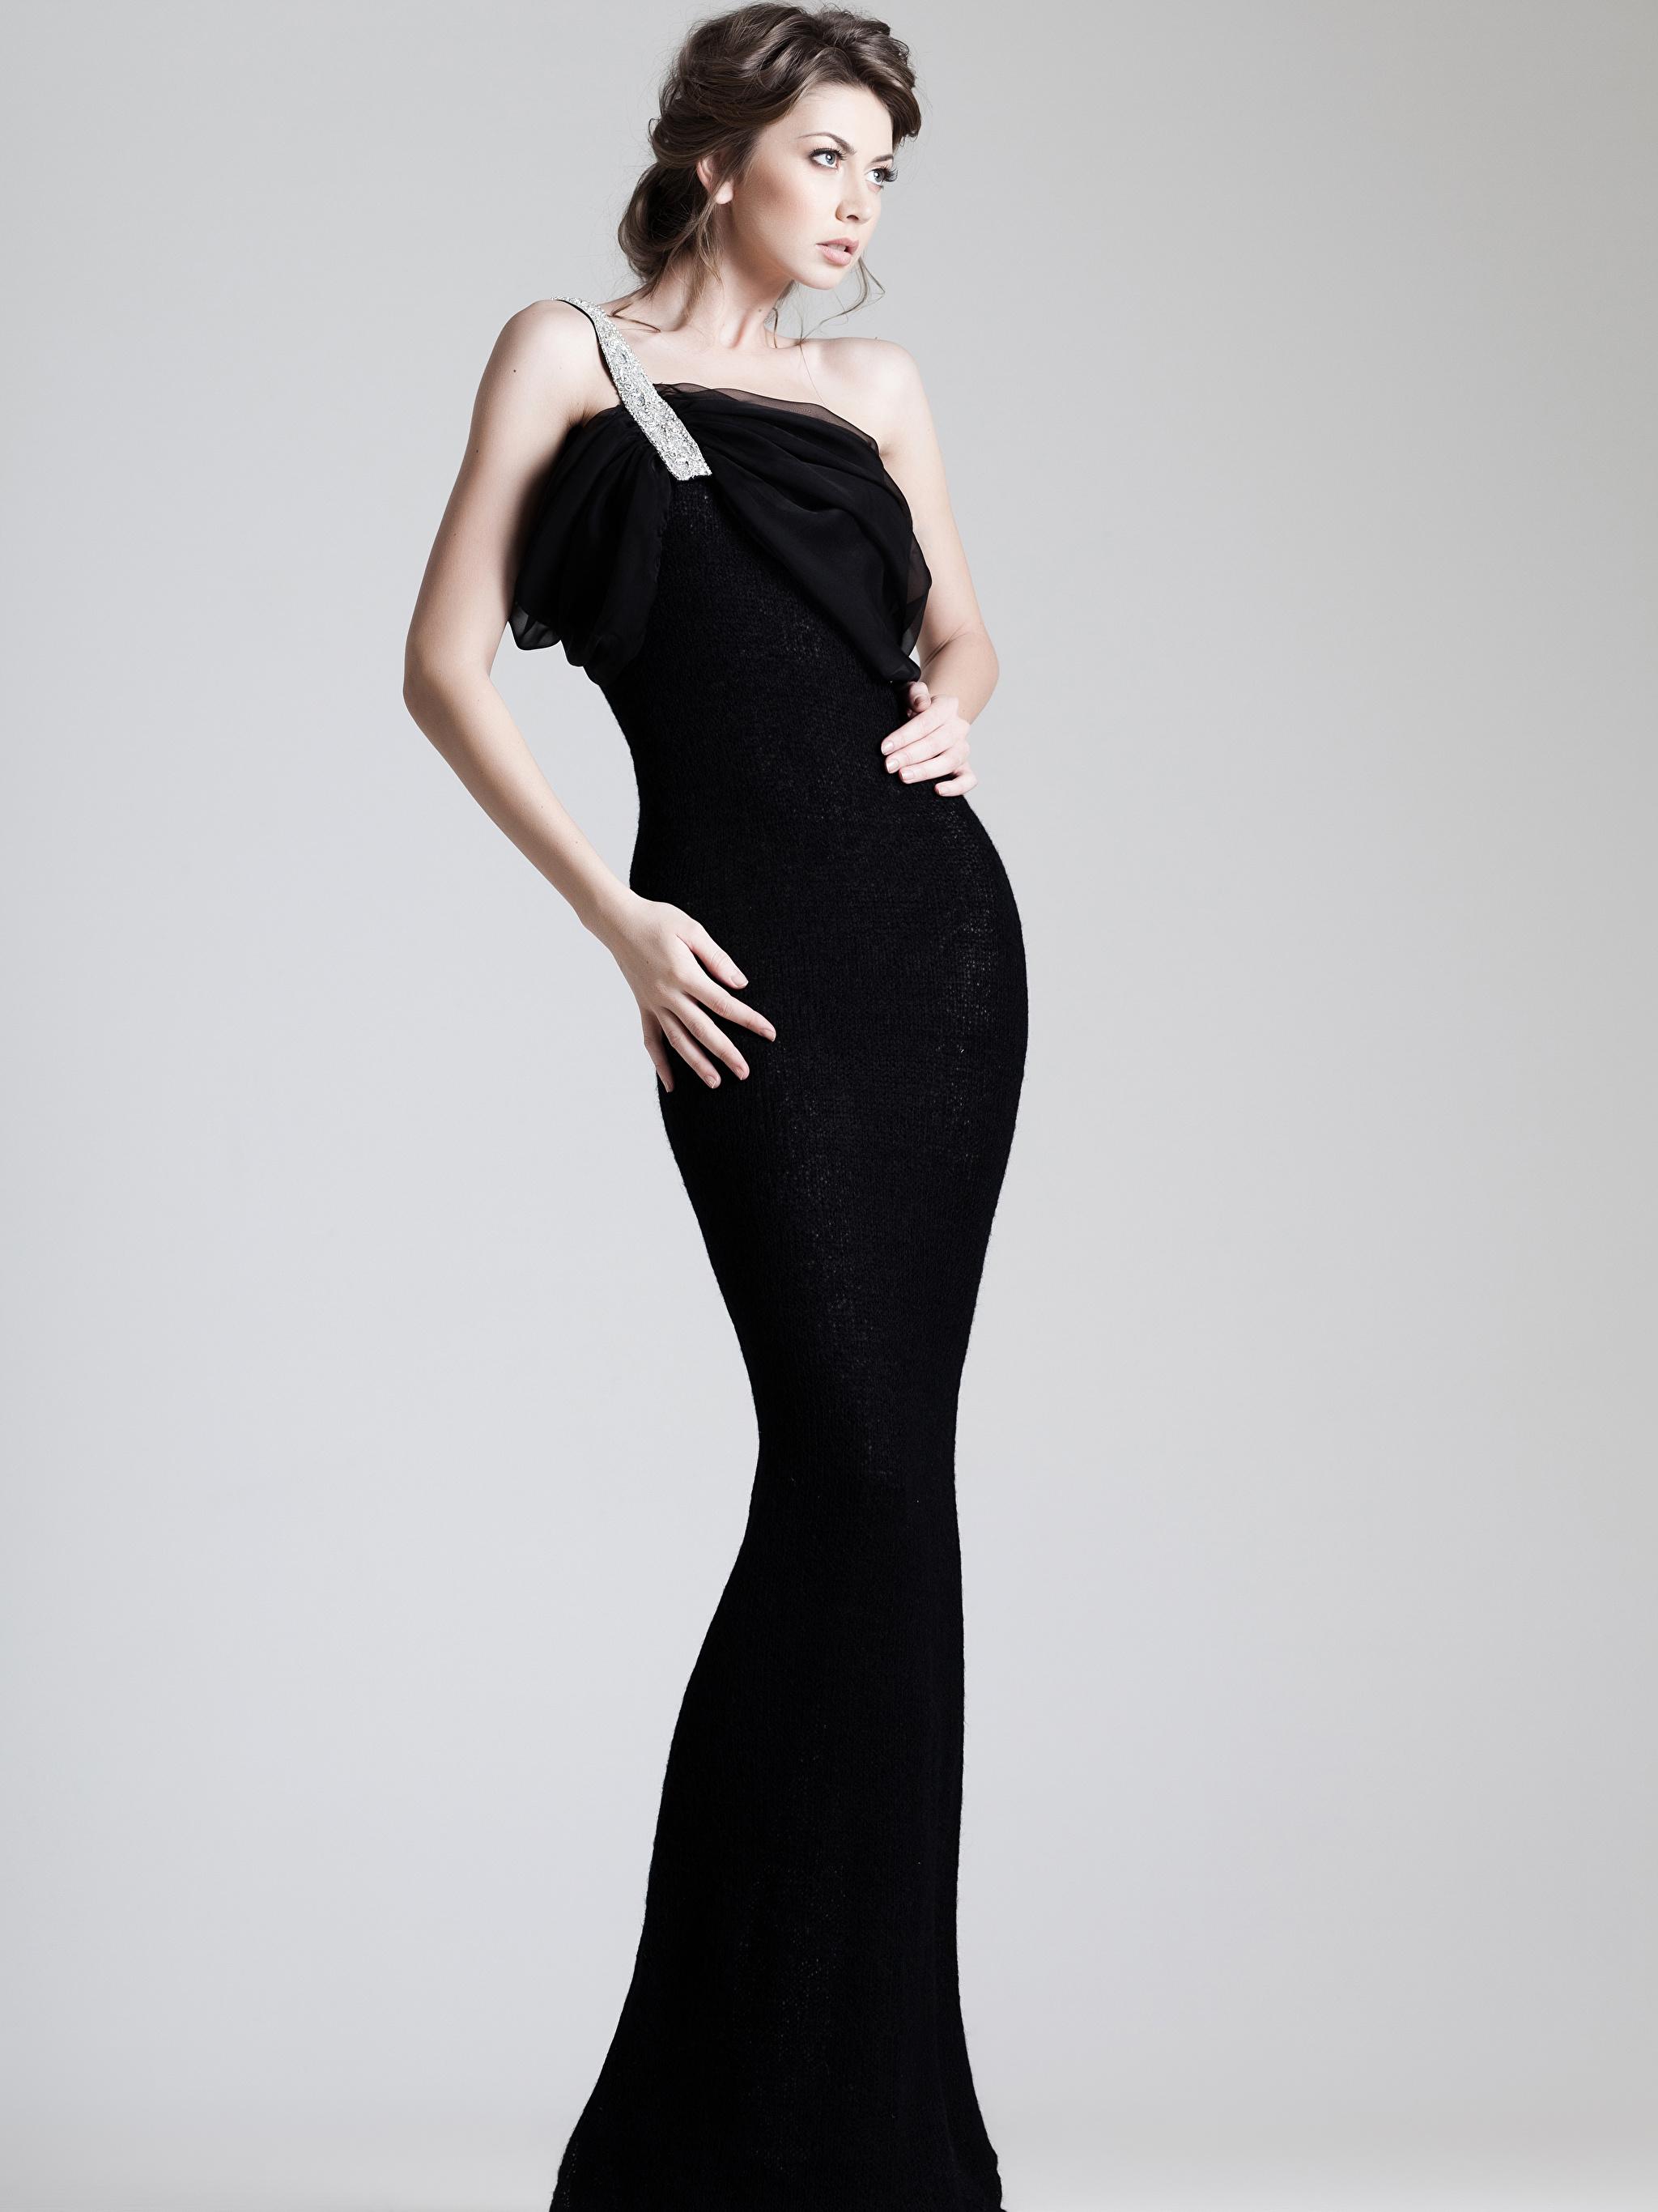 Foto Braune Haare Mädchens Grauer Hintergrund Kleid 2048x2732 Braunhaarige